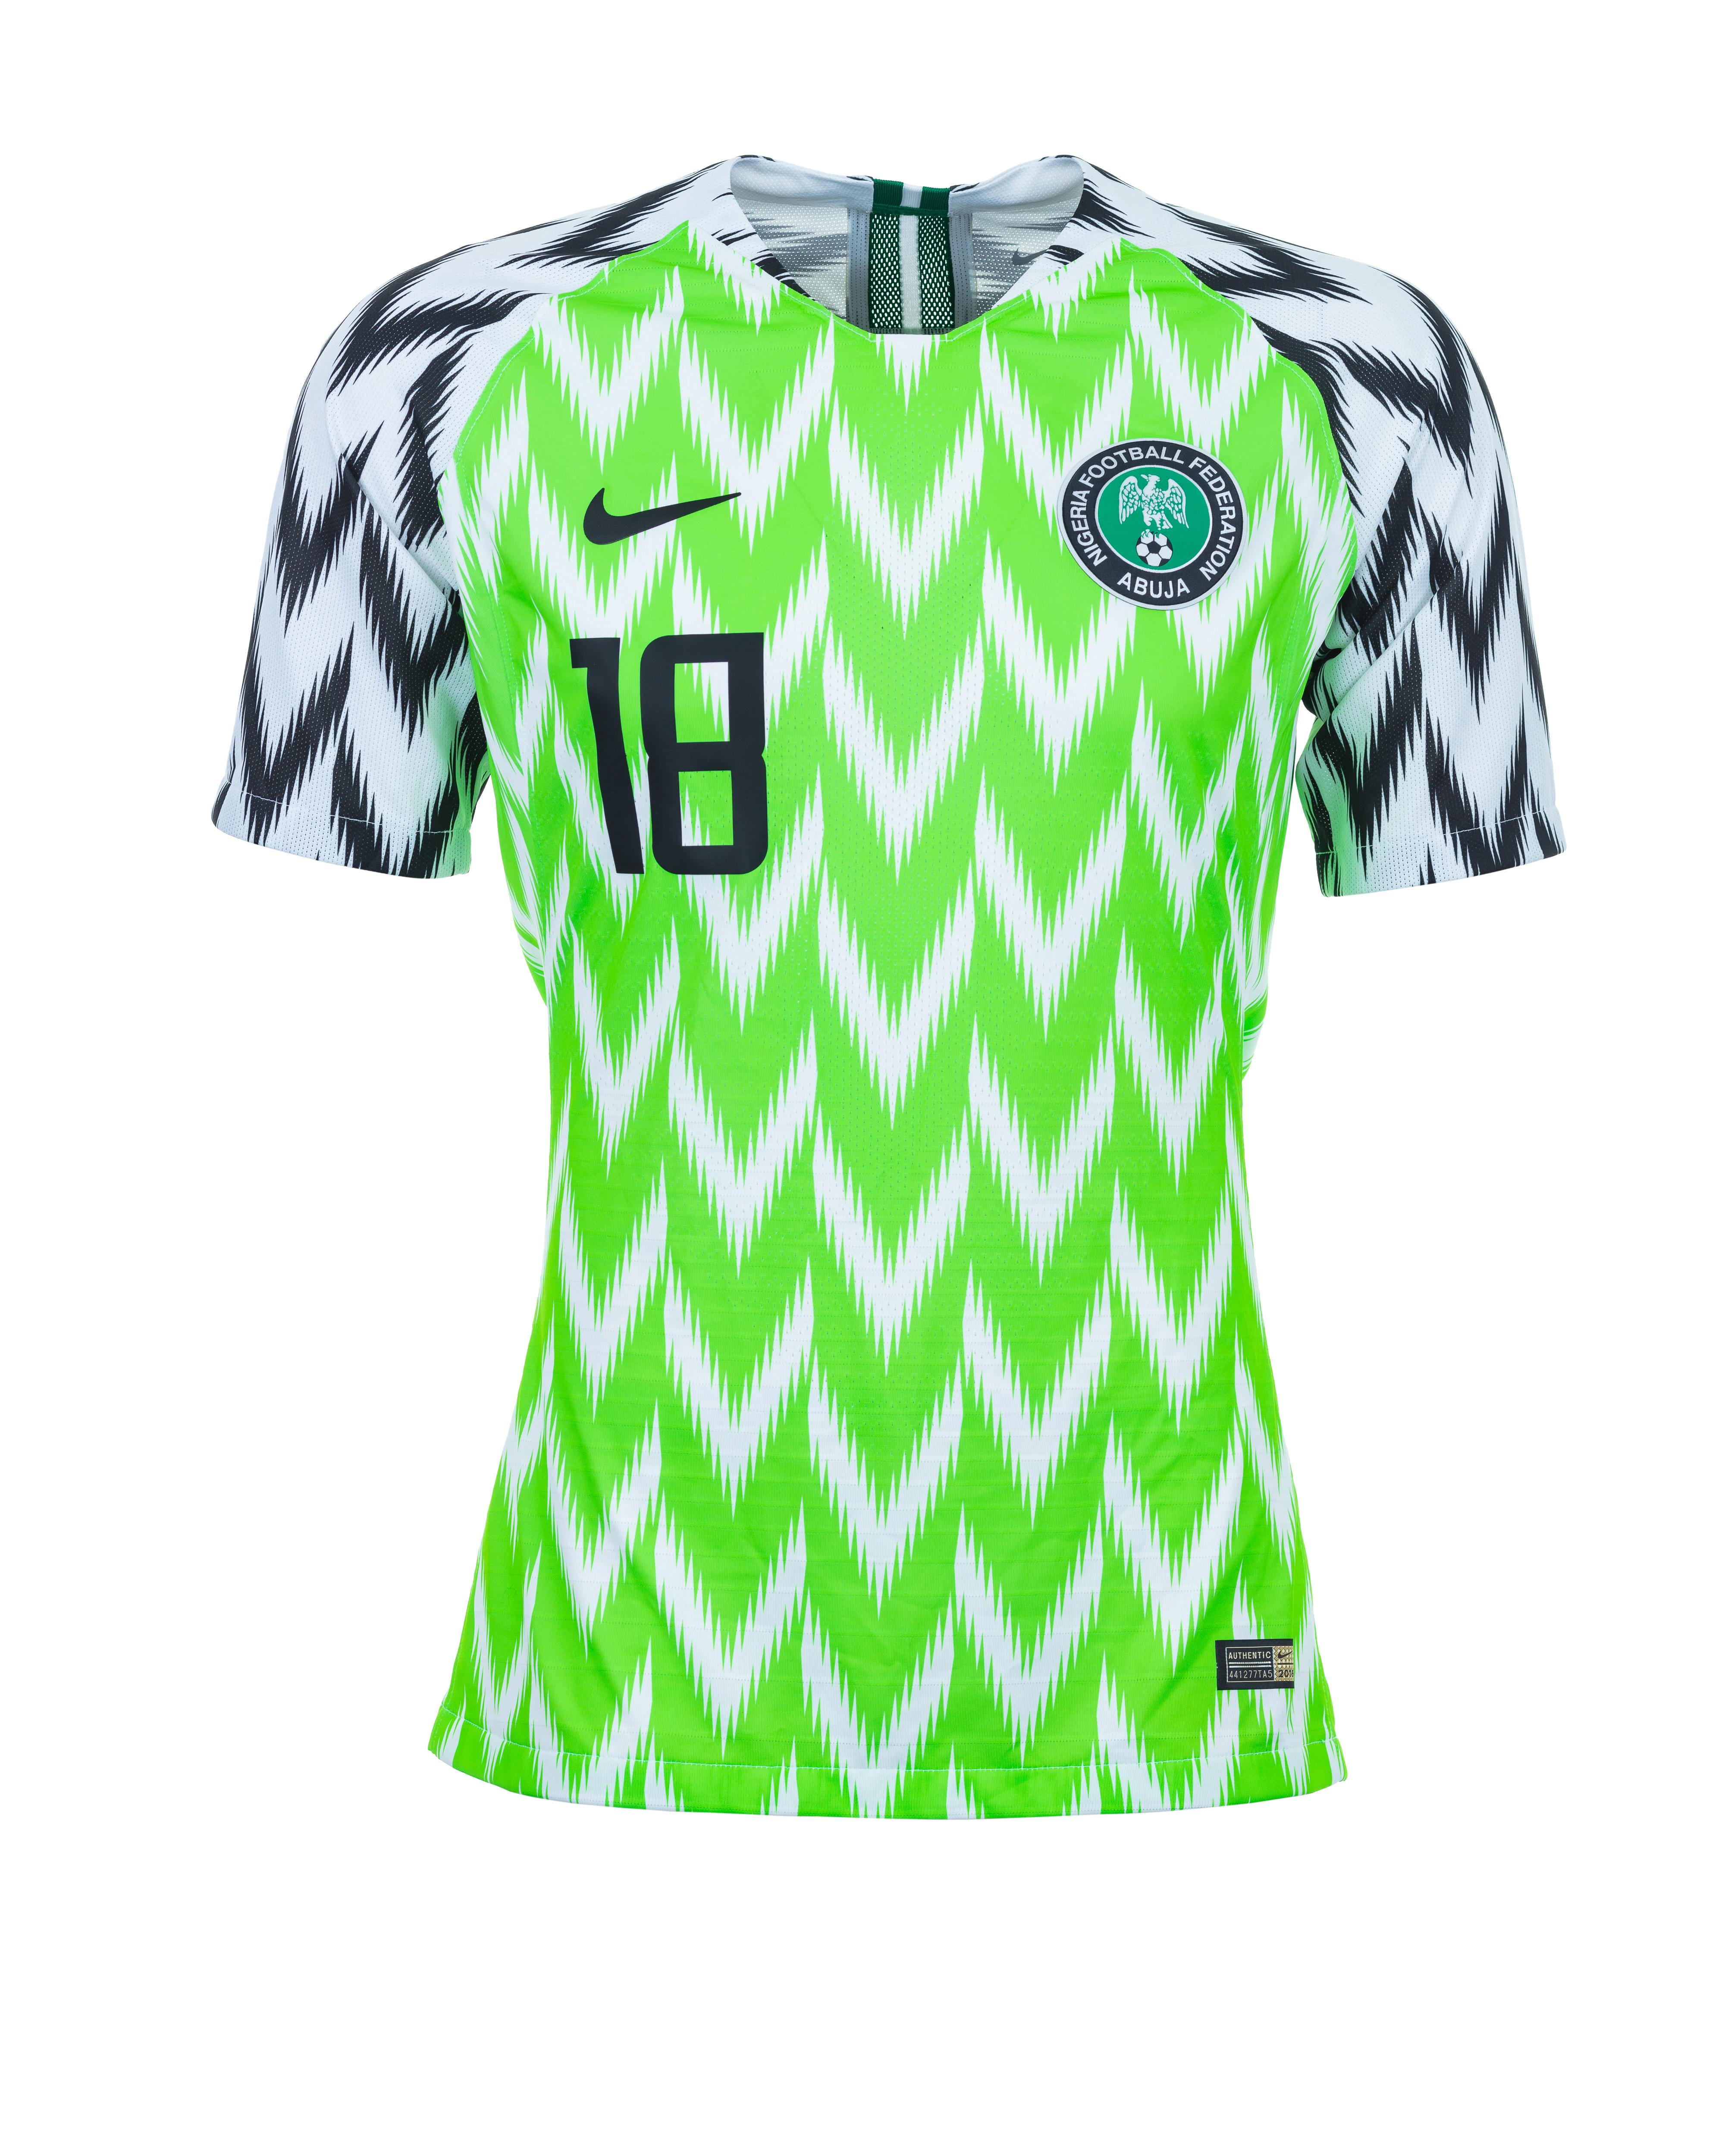 Fornecedora recebe 3 milhões de pedidos pela nova camisa da Nigéria ... e5dd67cf7e373